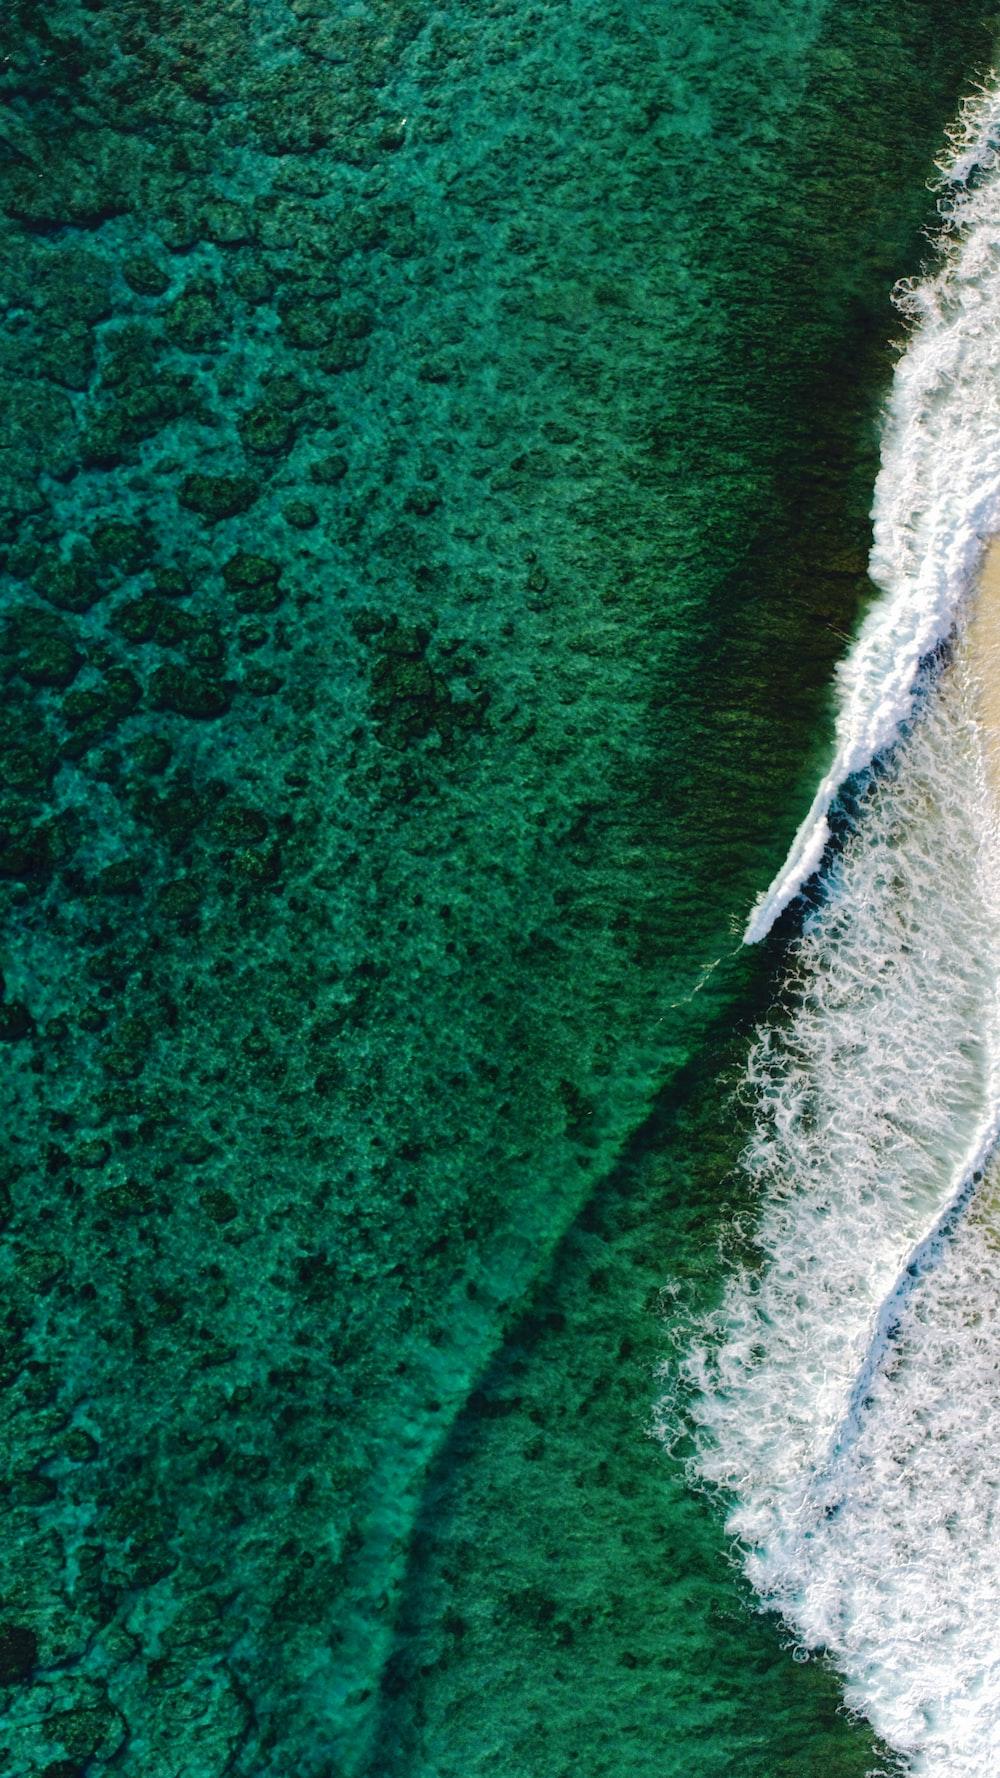 birds eye photography of wave of water on seashore